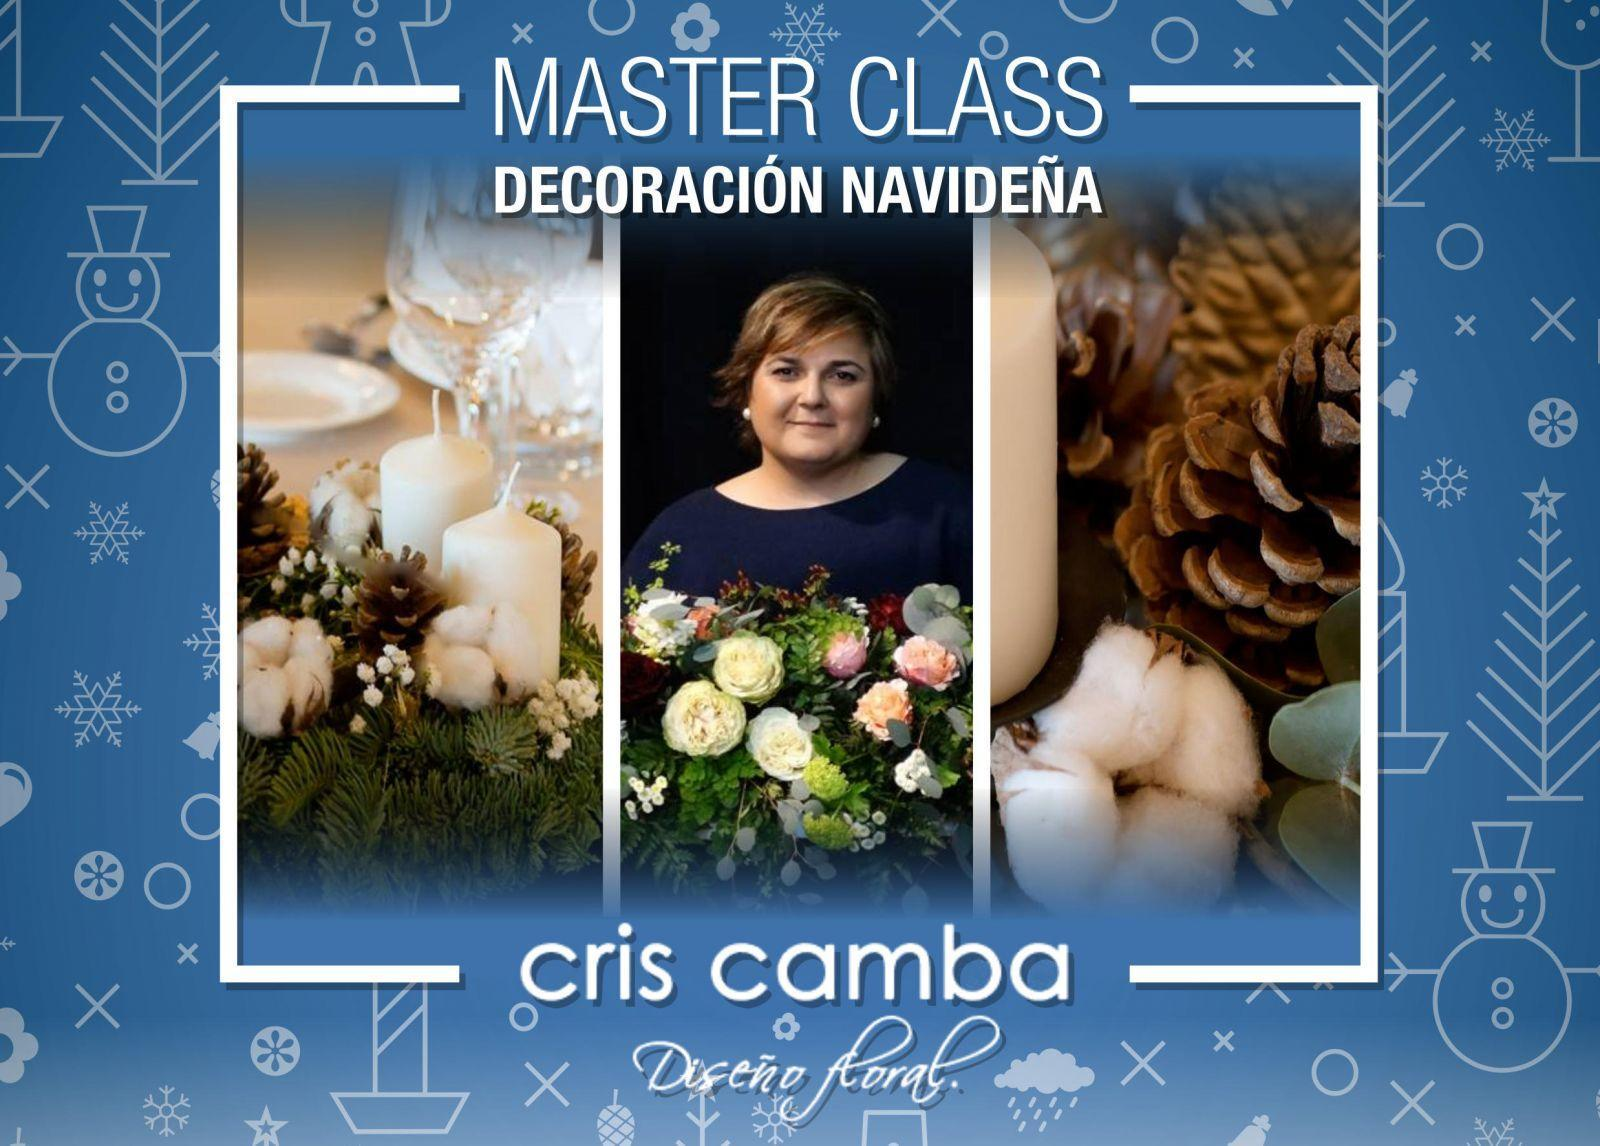 Master Class de Decoración Navideña con Cris Camba